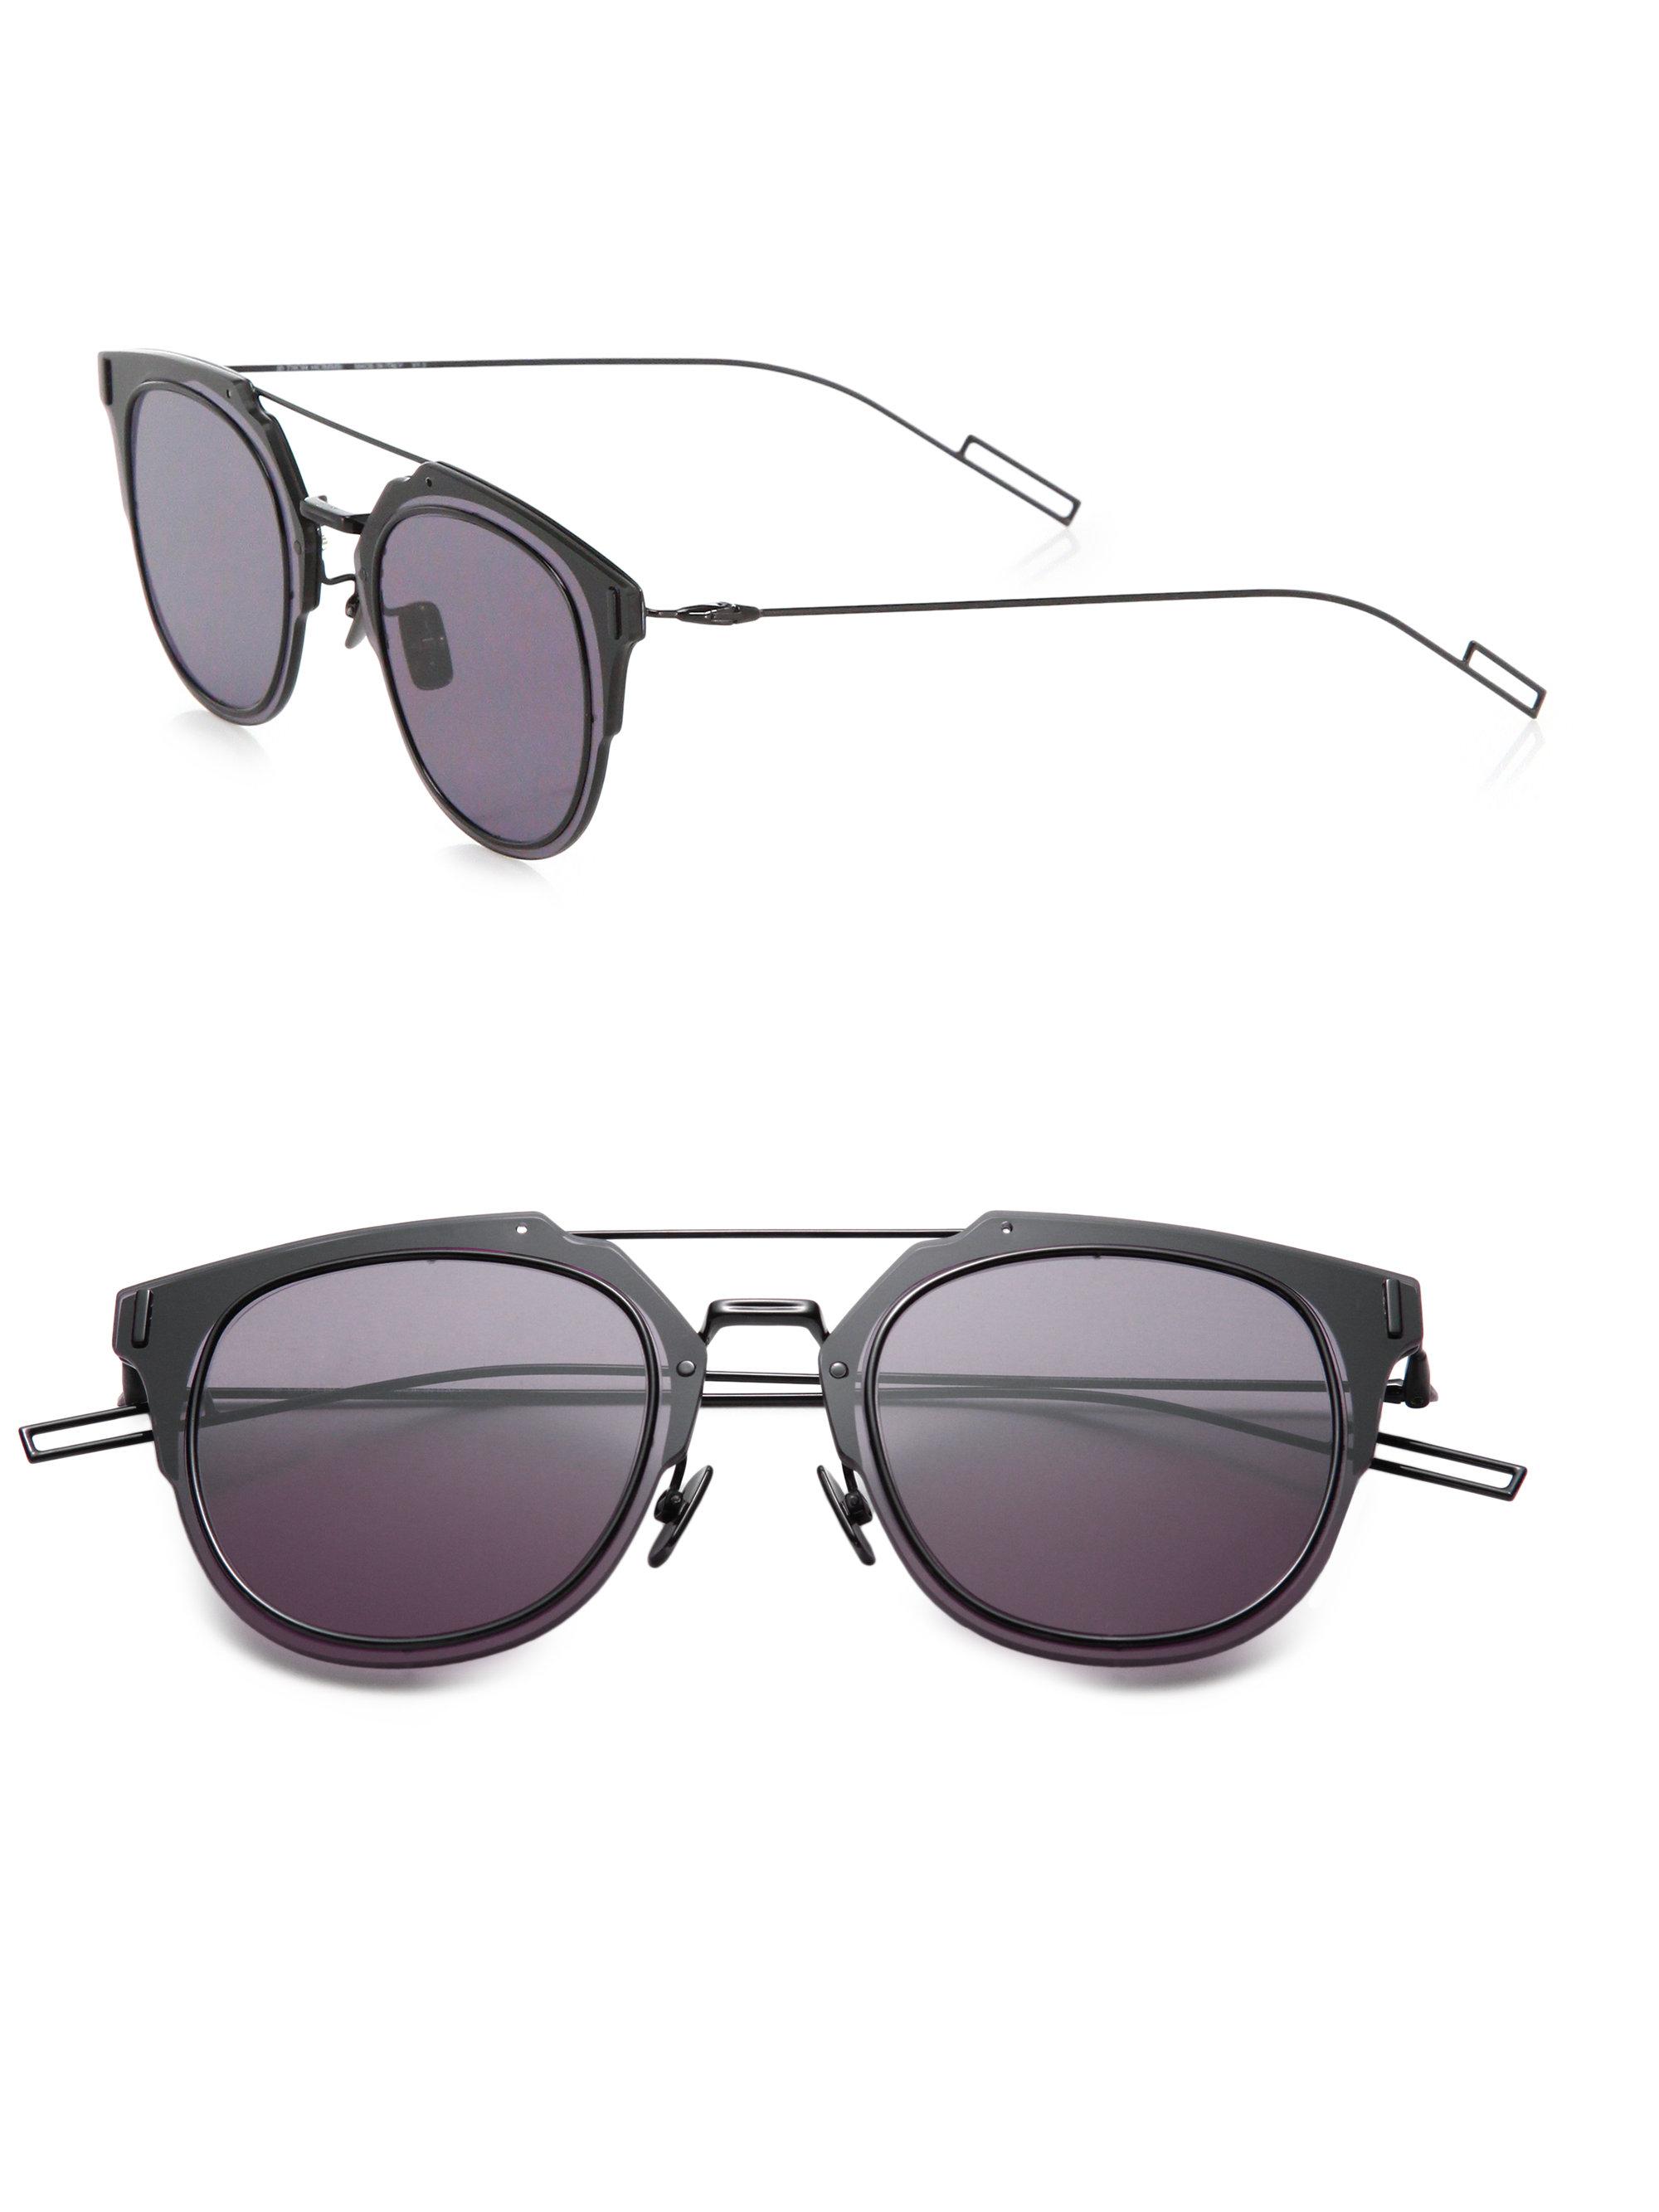 af606508cfb2a Lyst Dior Homme Composit 1 0 Sunglasses in Black for Men